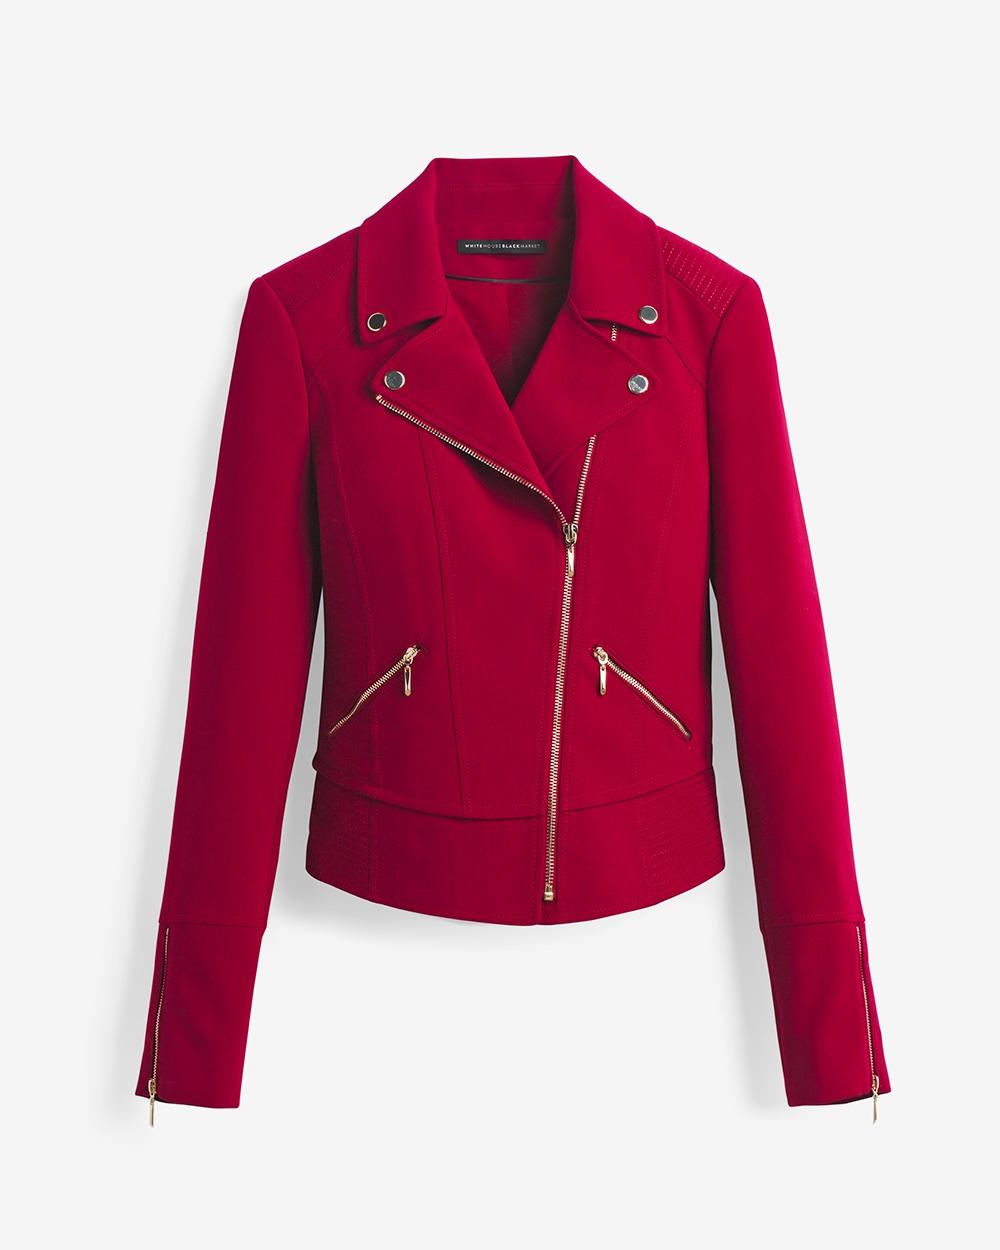 White House Black Market Moto Jacket, $150